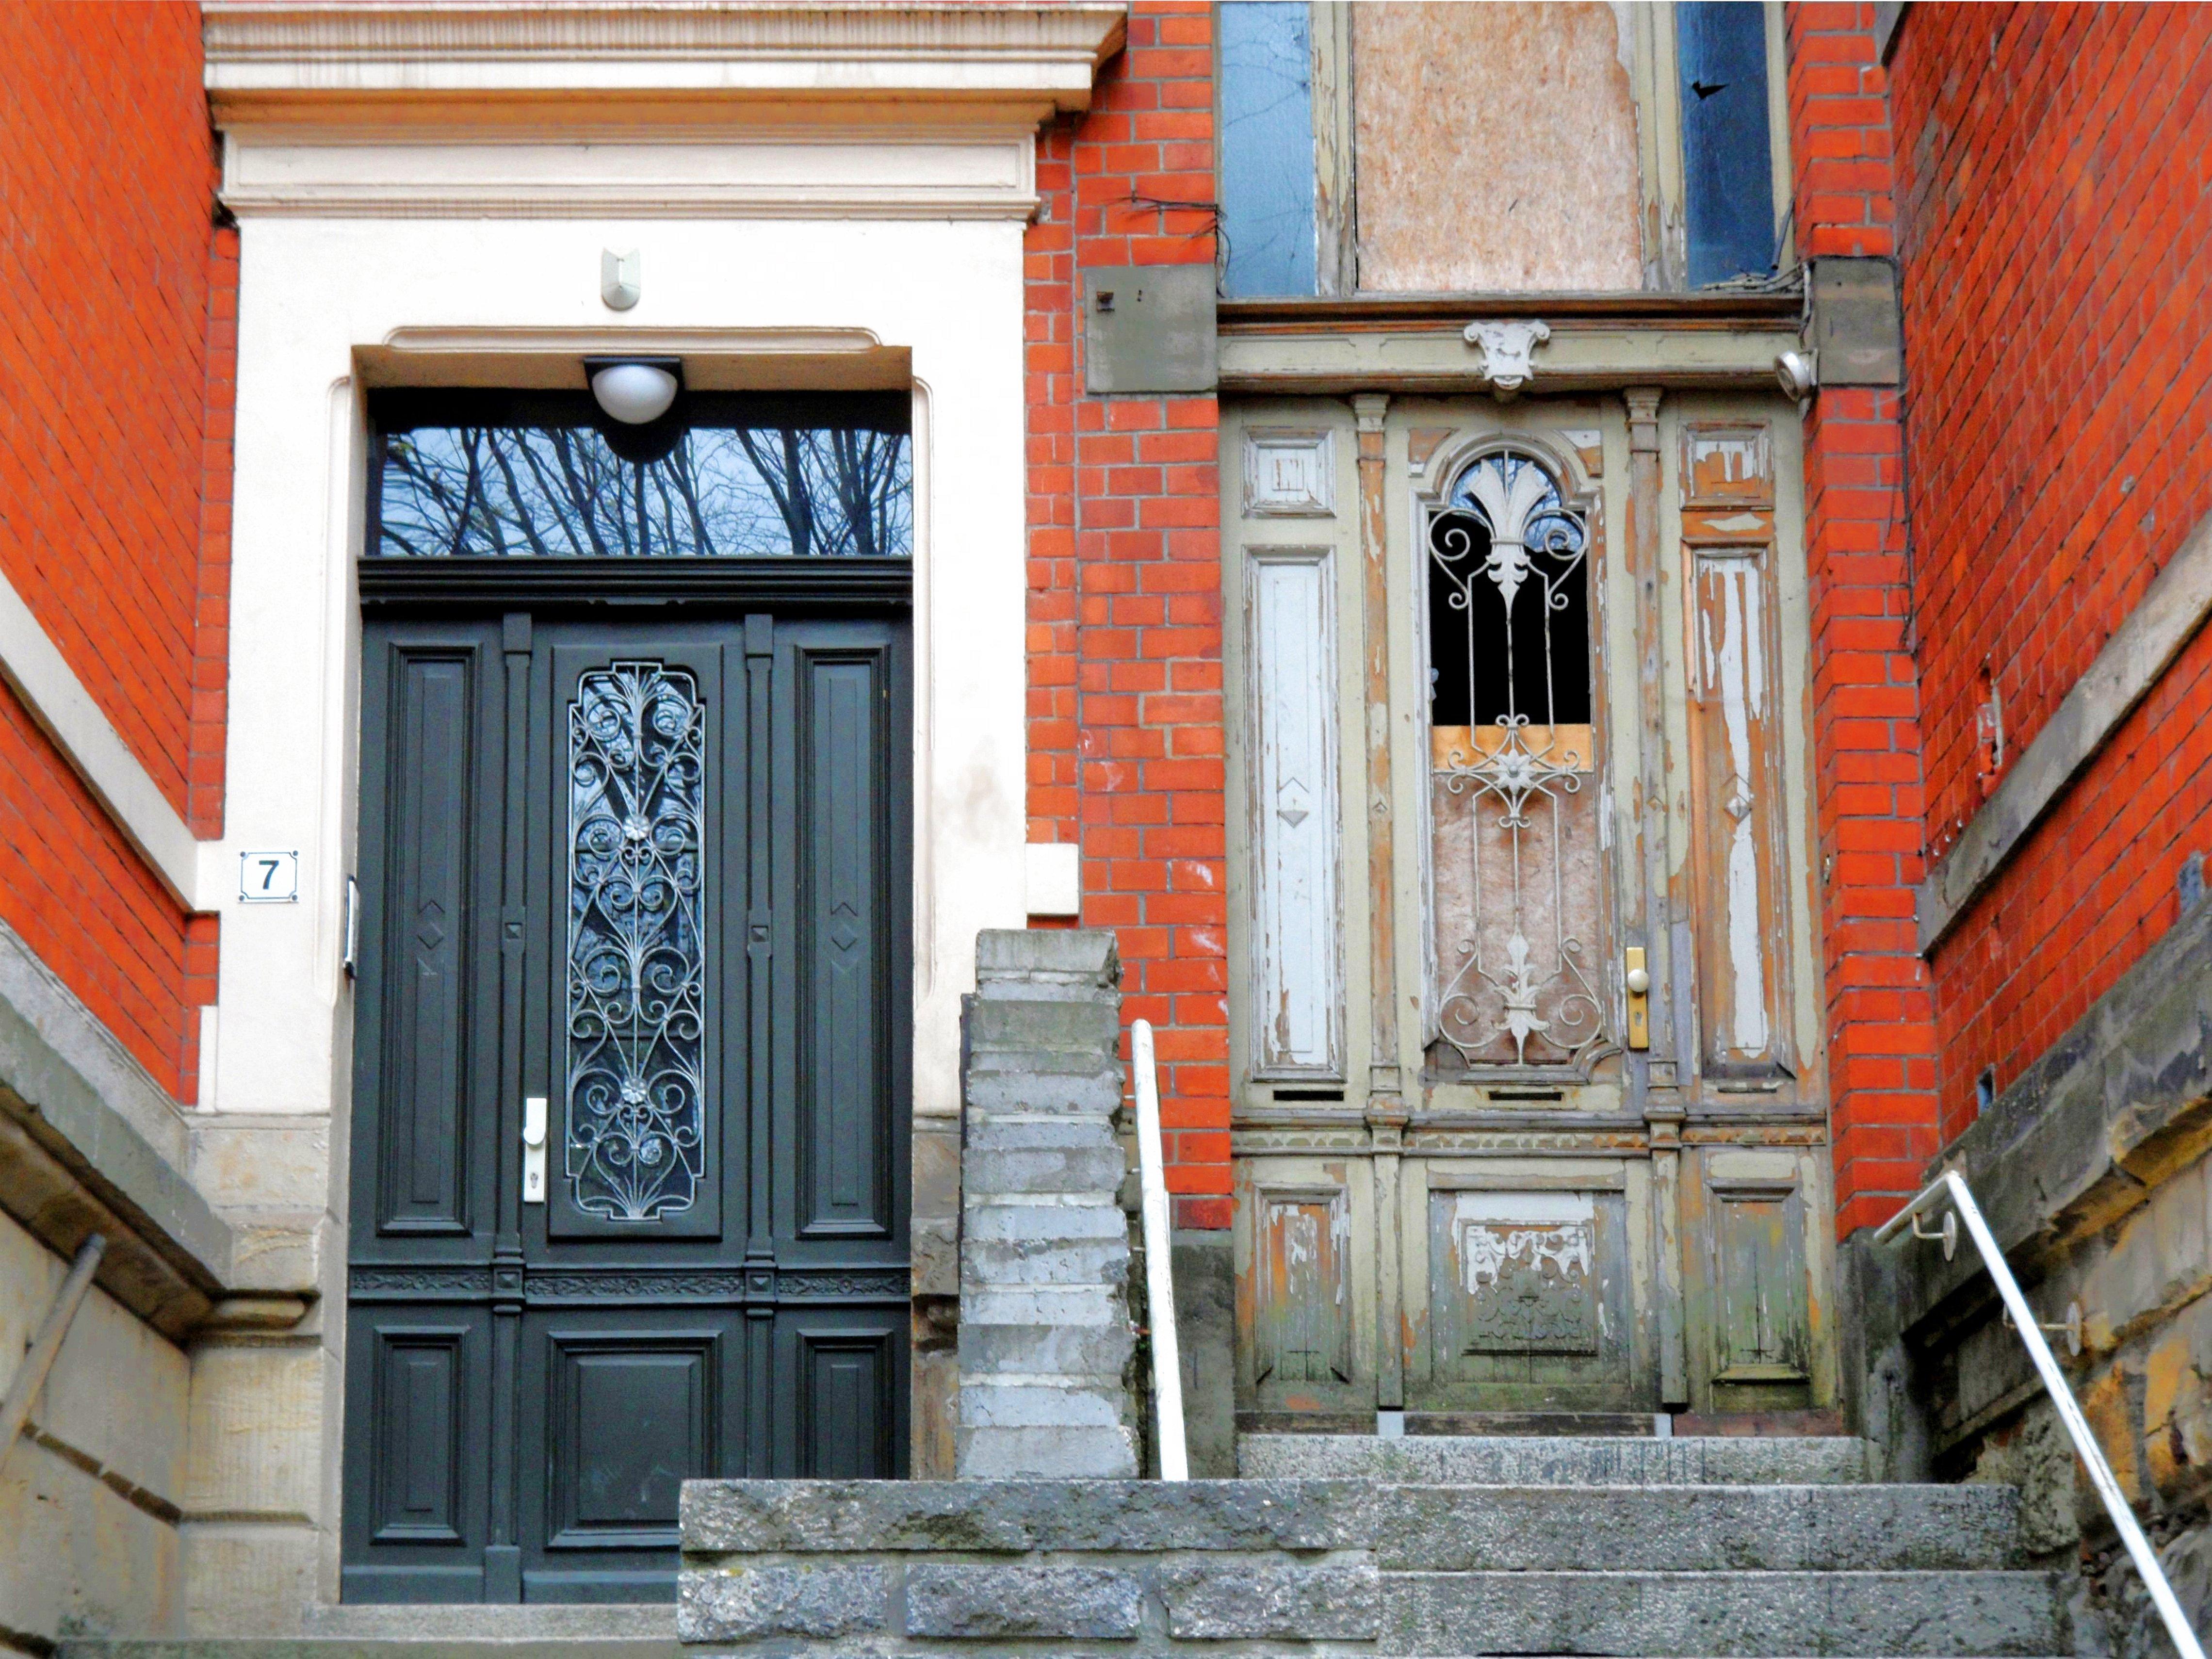 Ein ungleiches Paar - Hauseingänge in der Plantage in Halberstadt.